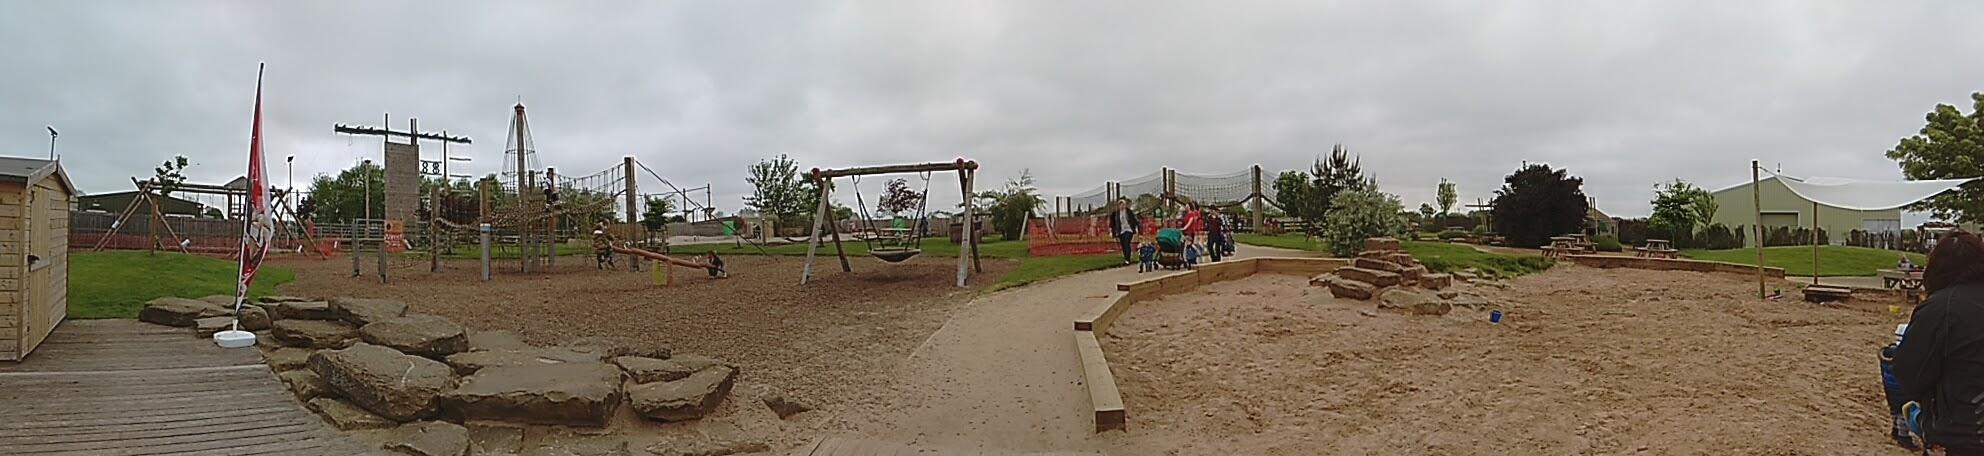 creepy crawlies playground